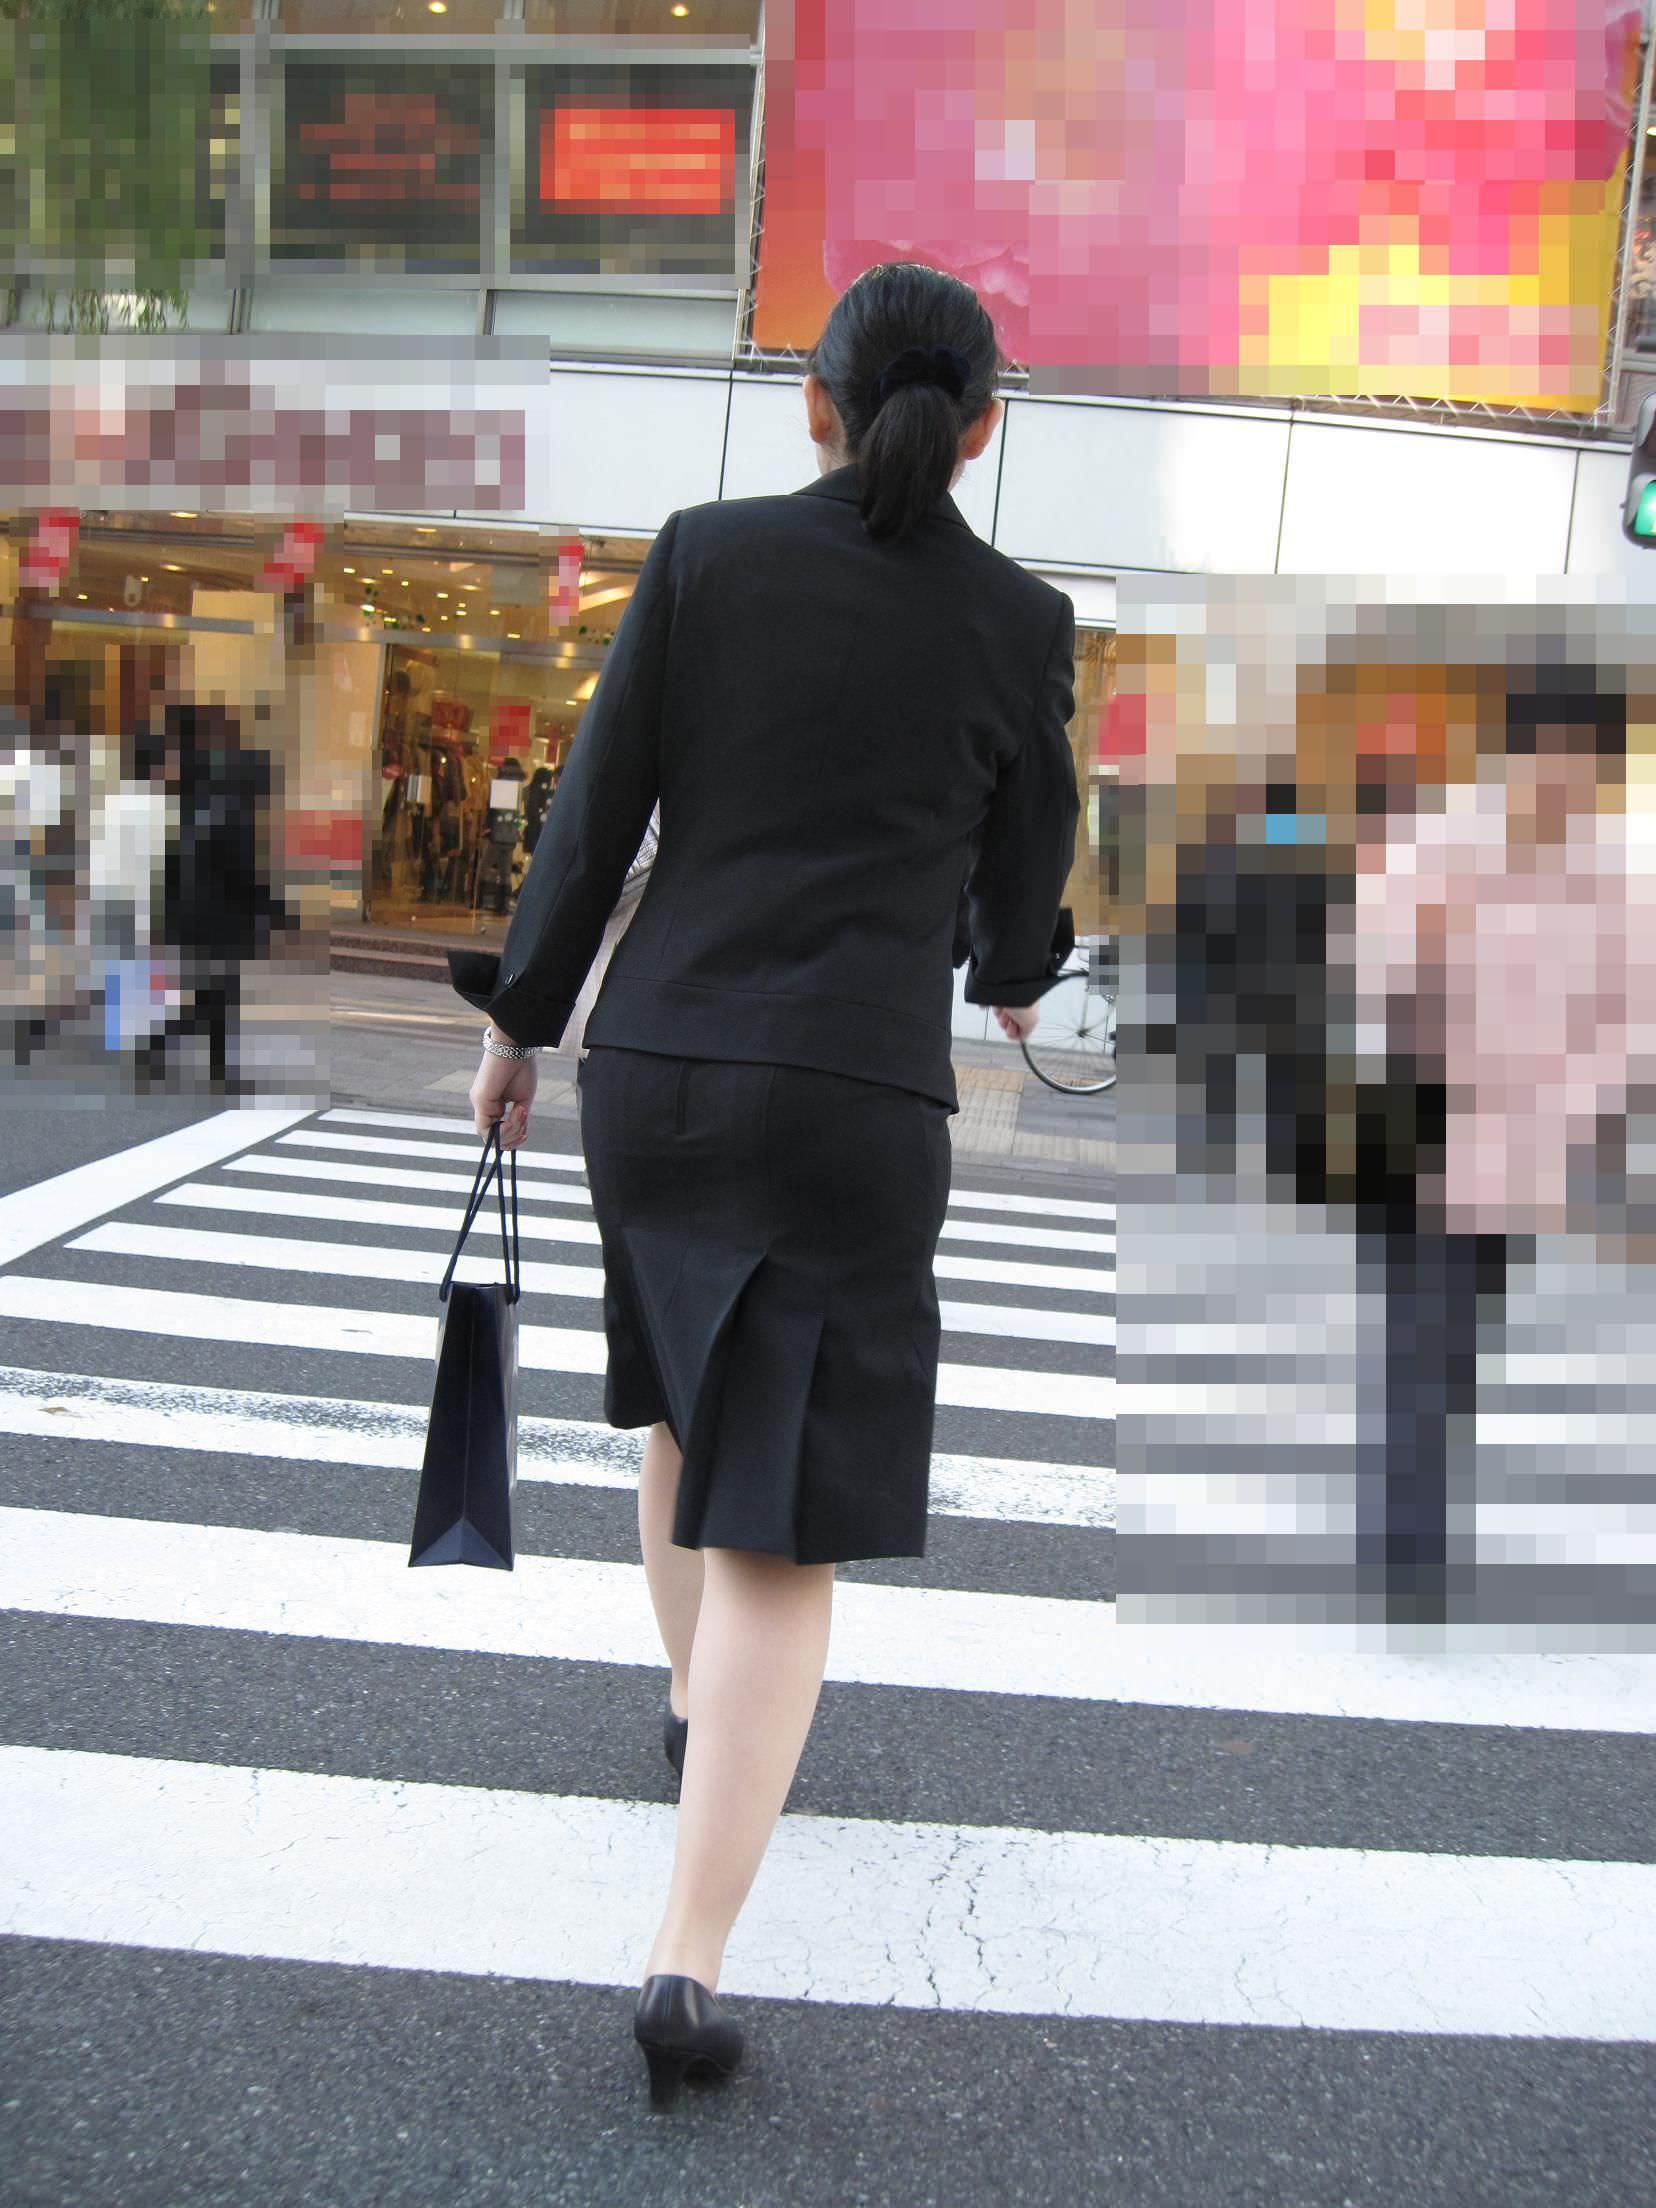 お尻の形が丸わかりなOLさんを尾行して街撮り盗撮www 3055